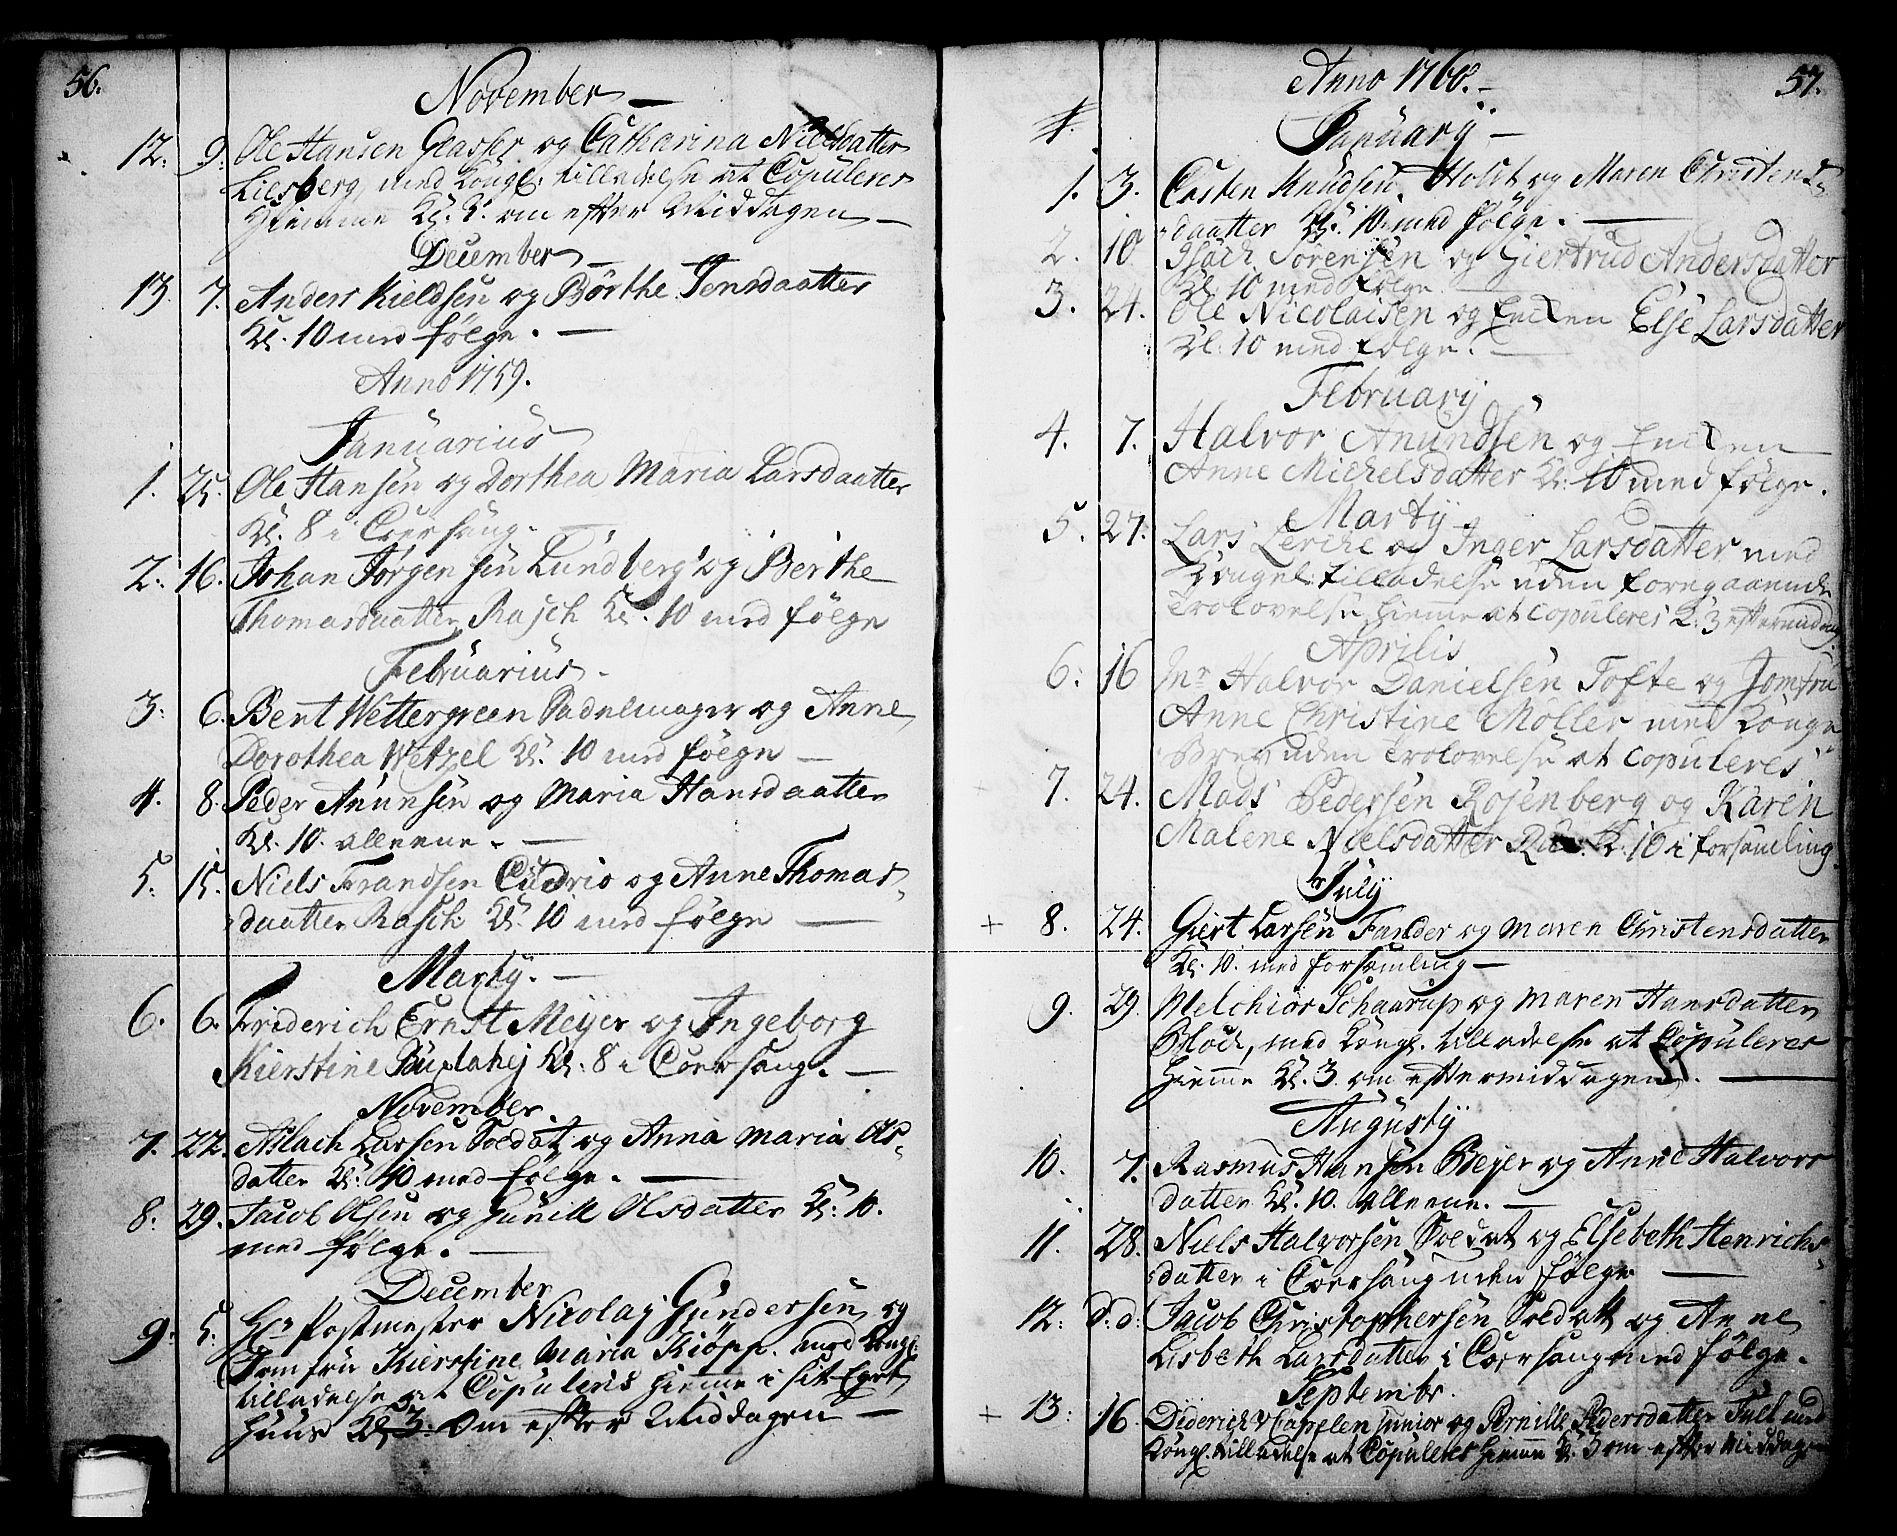 SAKO, Skien kirkebøker, F/Fa/L0003: Ministerialbok nr. 3, 1755-1791, s. 56-57